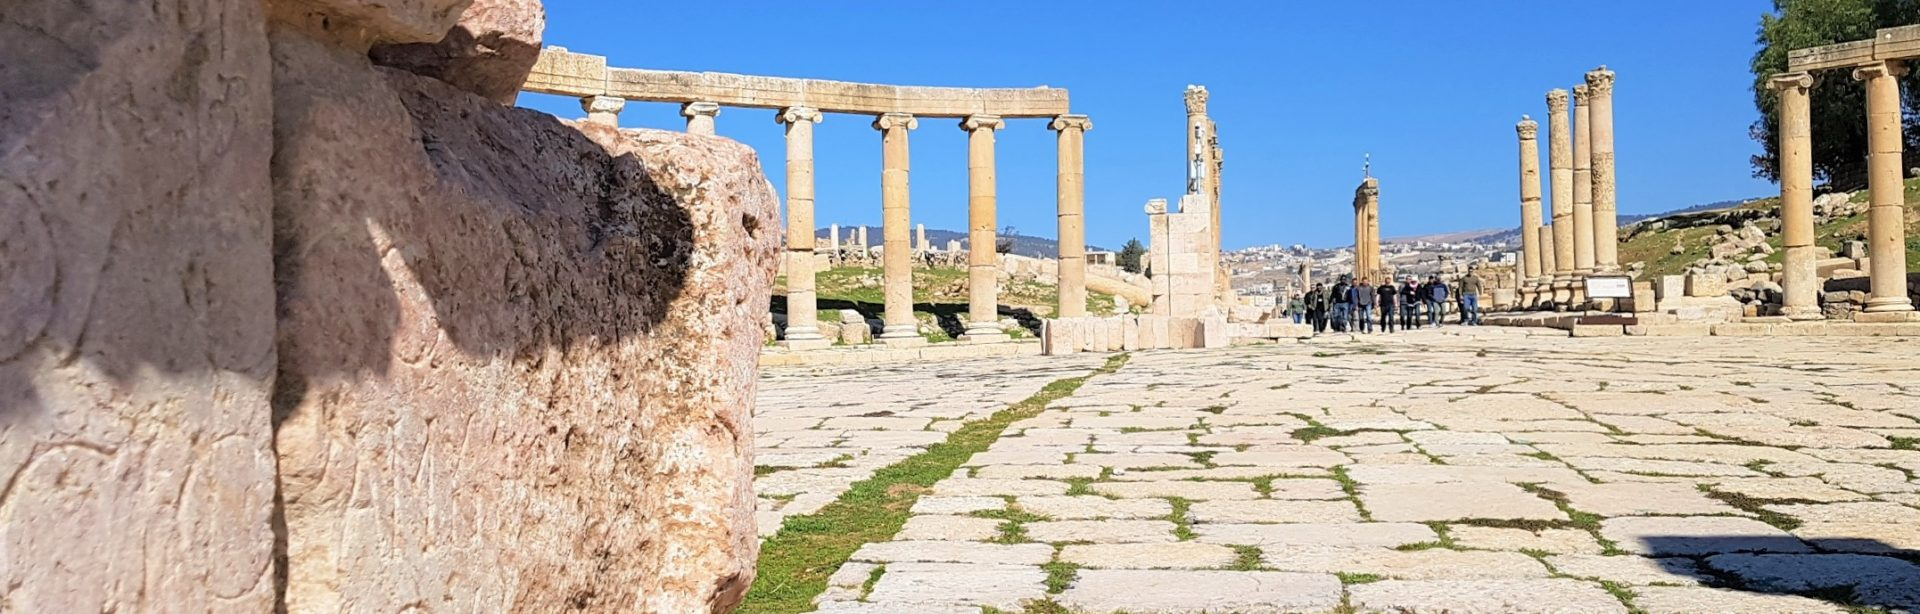 Dois mil anos de história em Jerash, na Jordânia